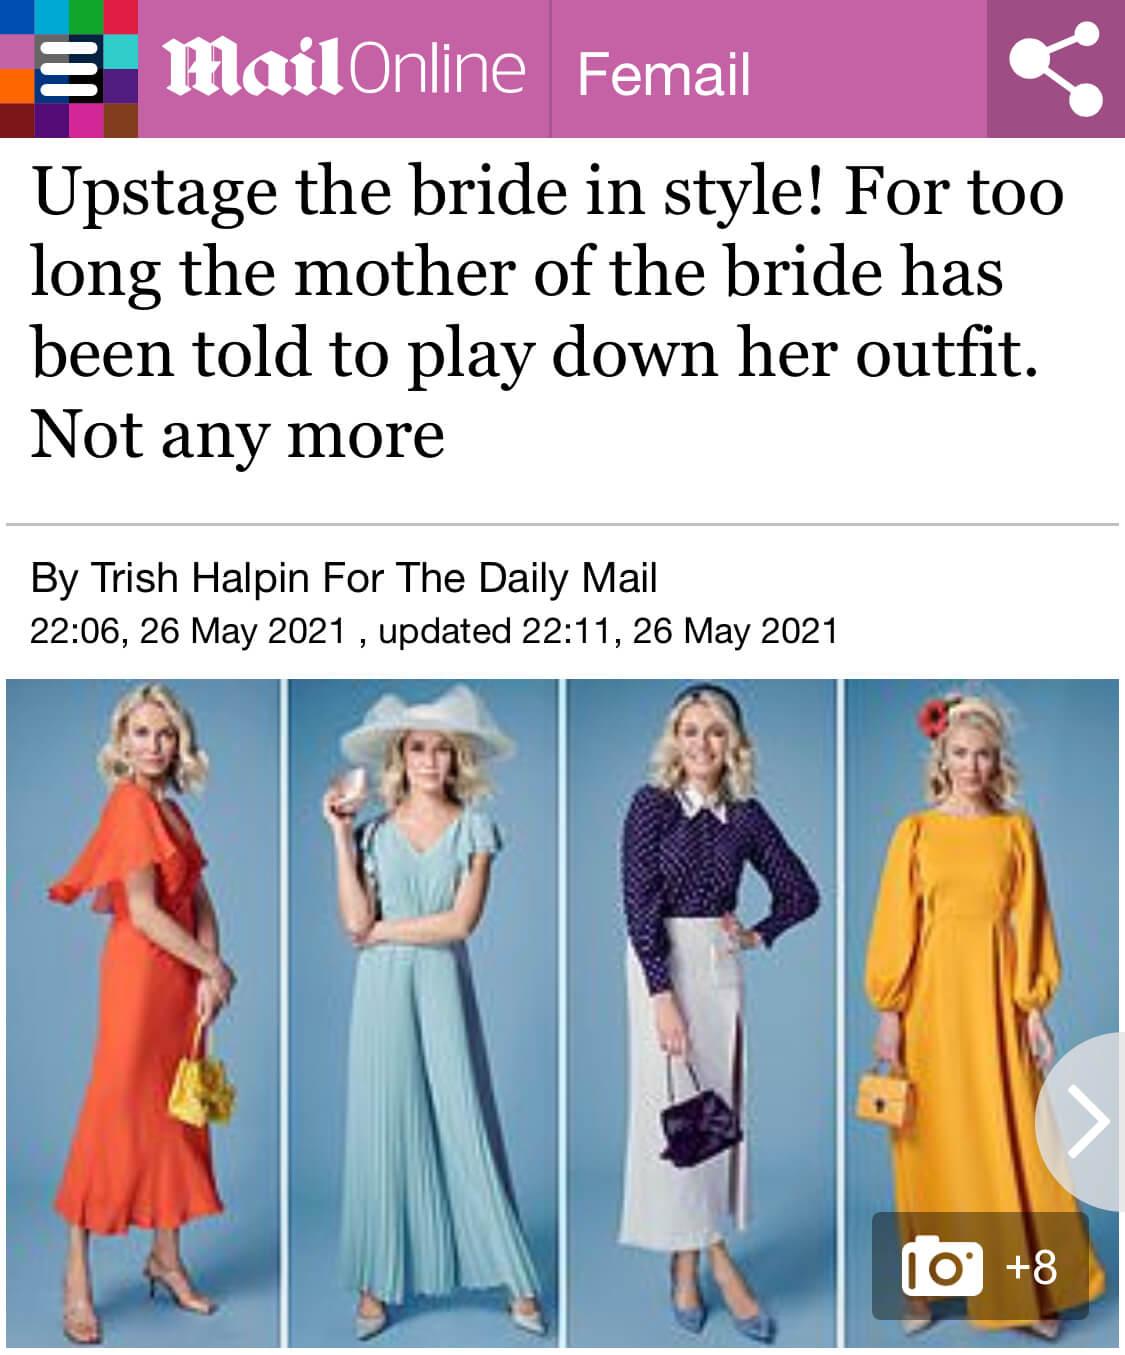 The Mail Fashion May 2021 (2)-Jennifer Gibson Jewellery